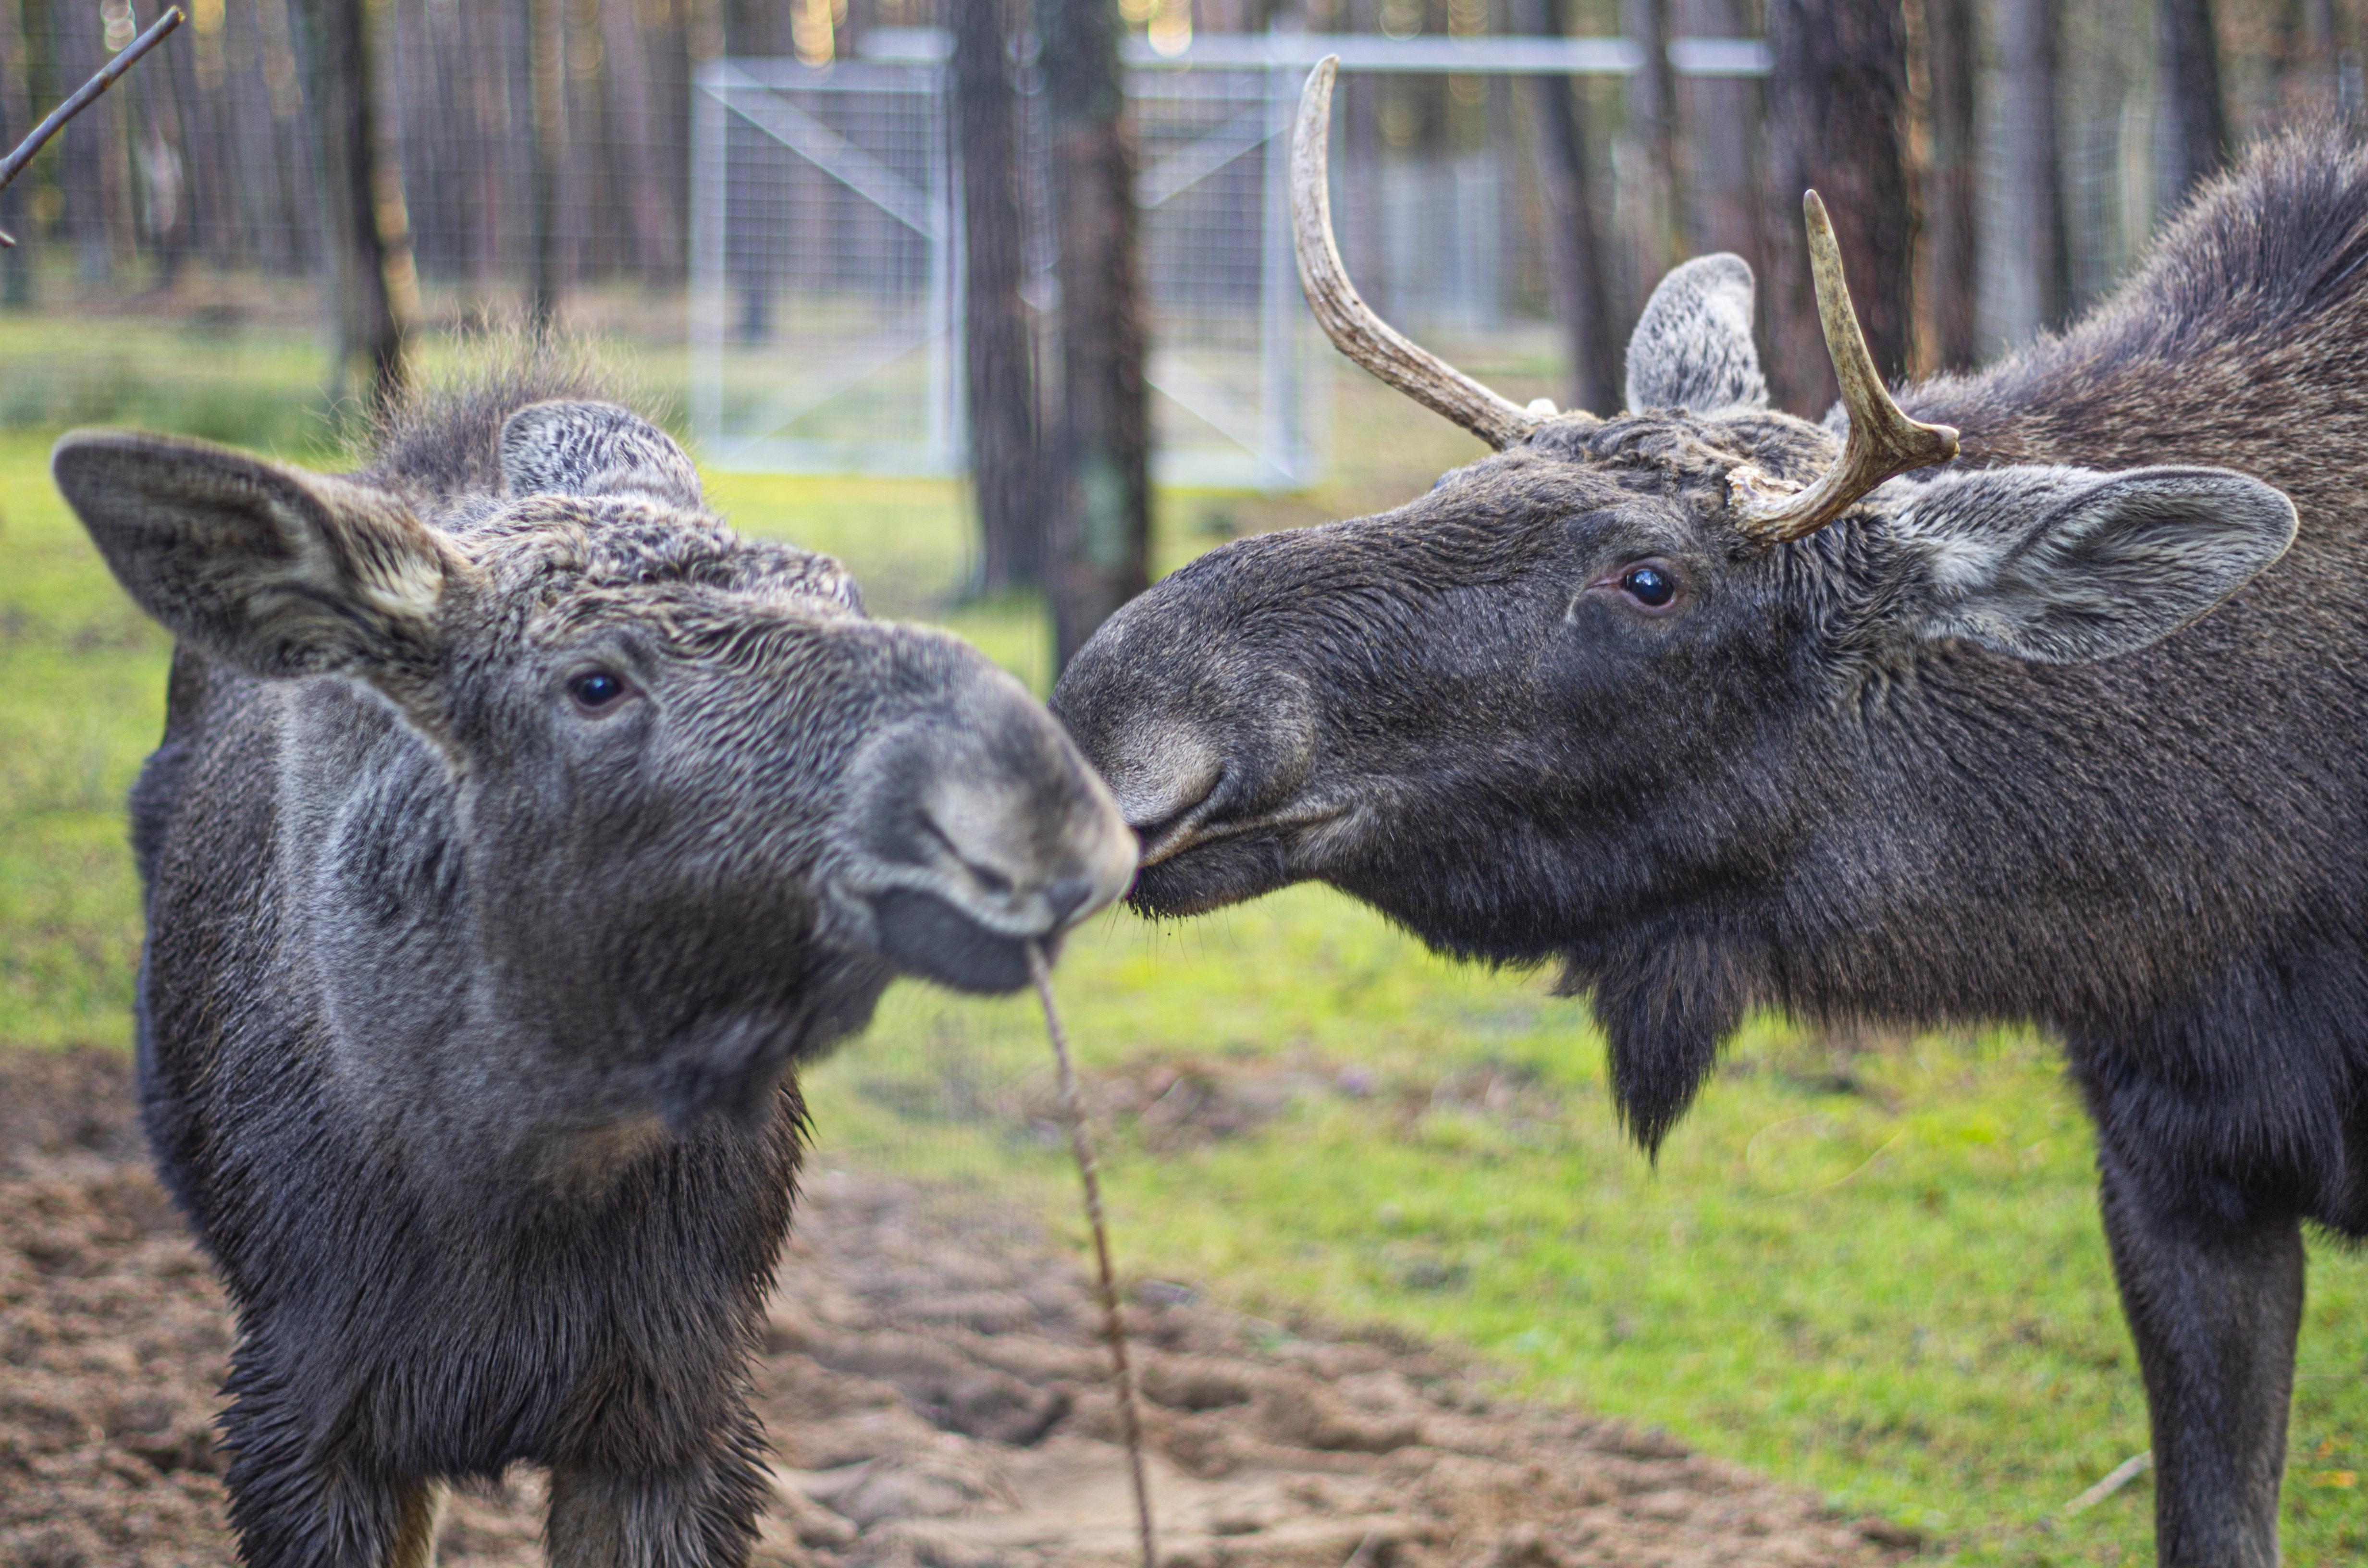 europaeische-elche-im-wildpark-m-den